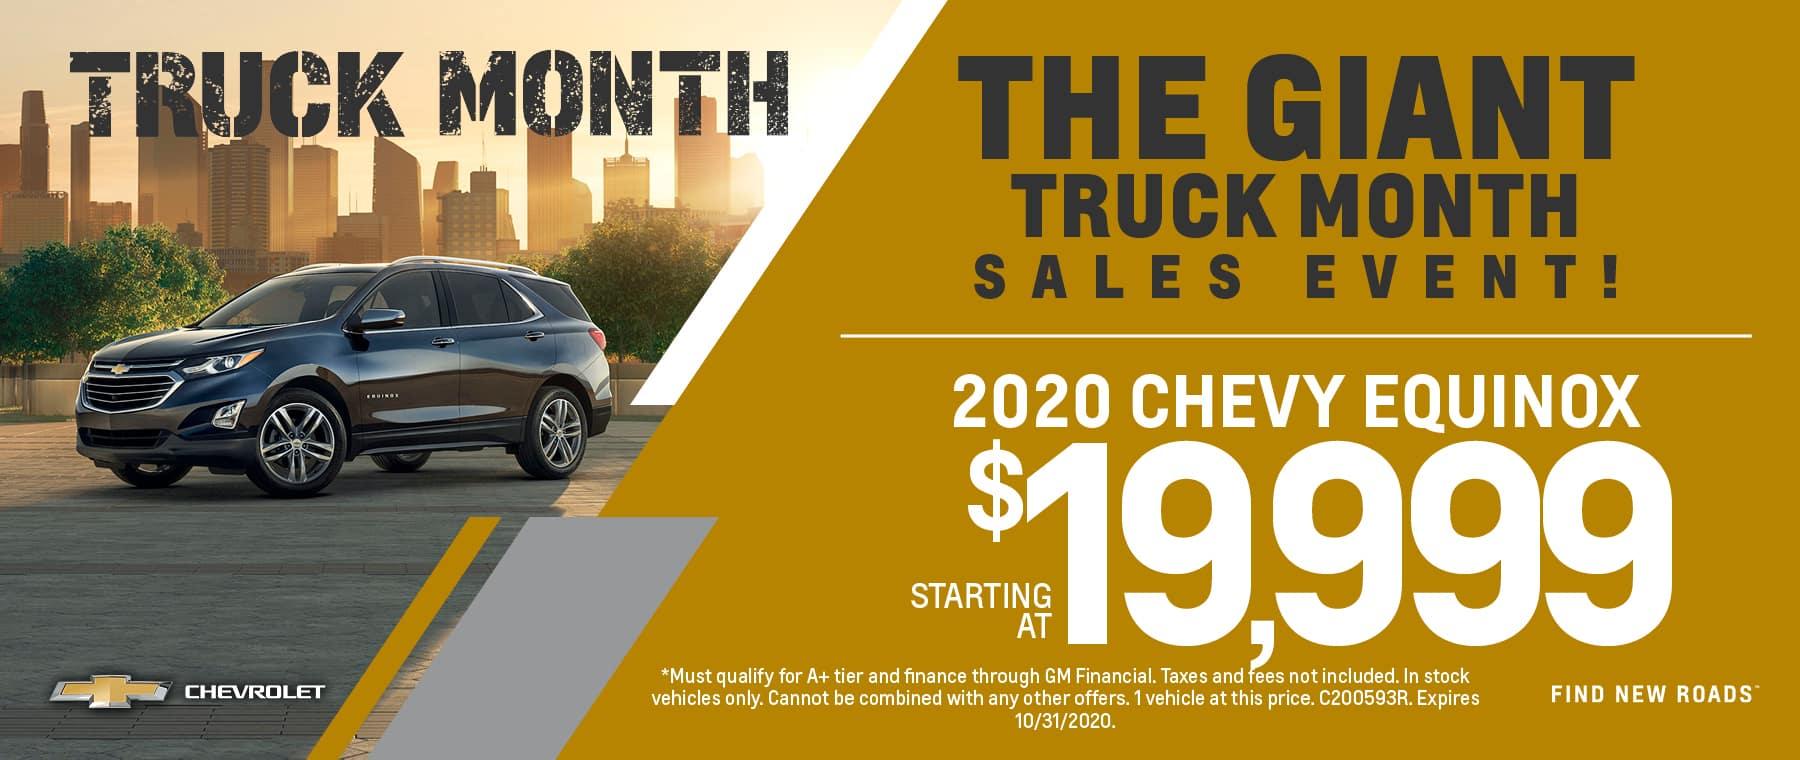 53173-WB-COWC Truck Month Rotators3